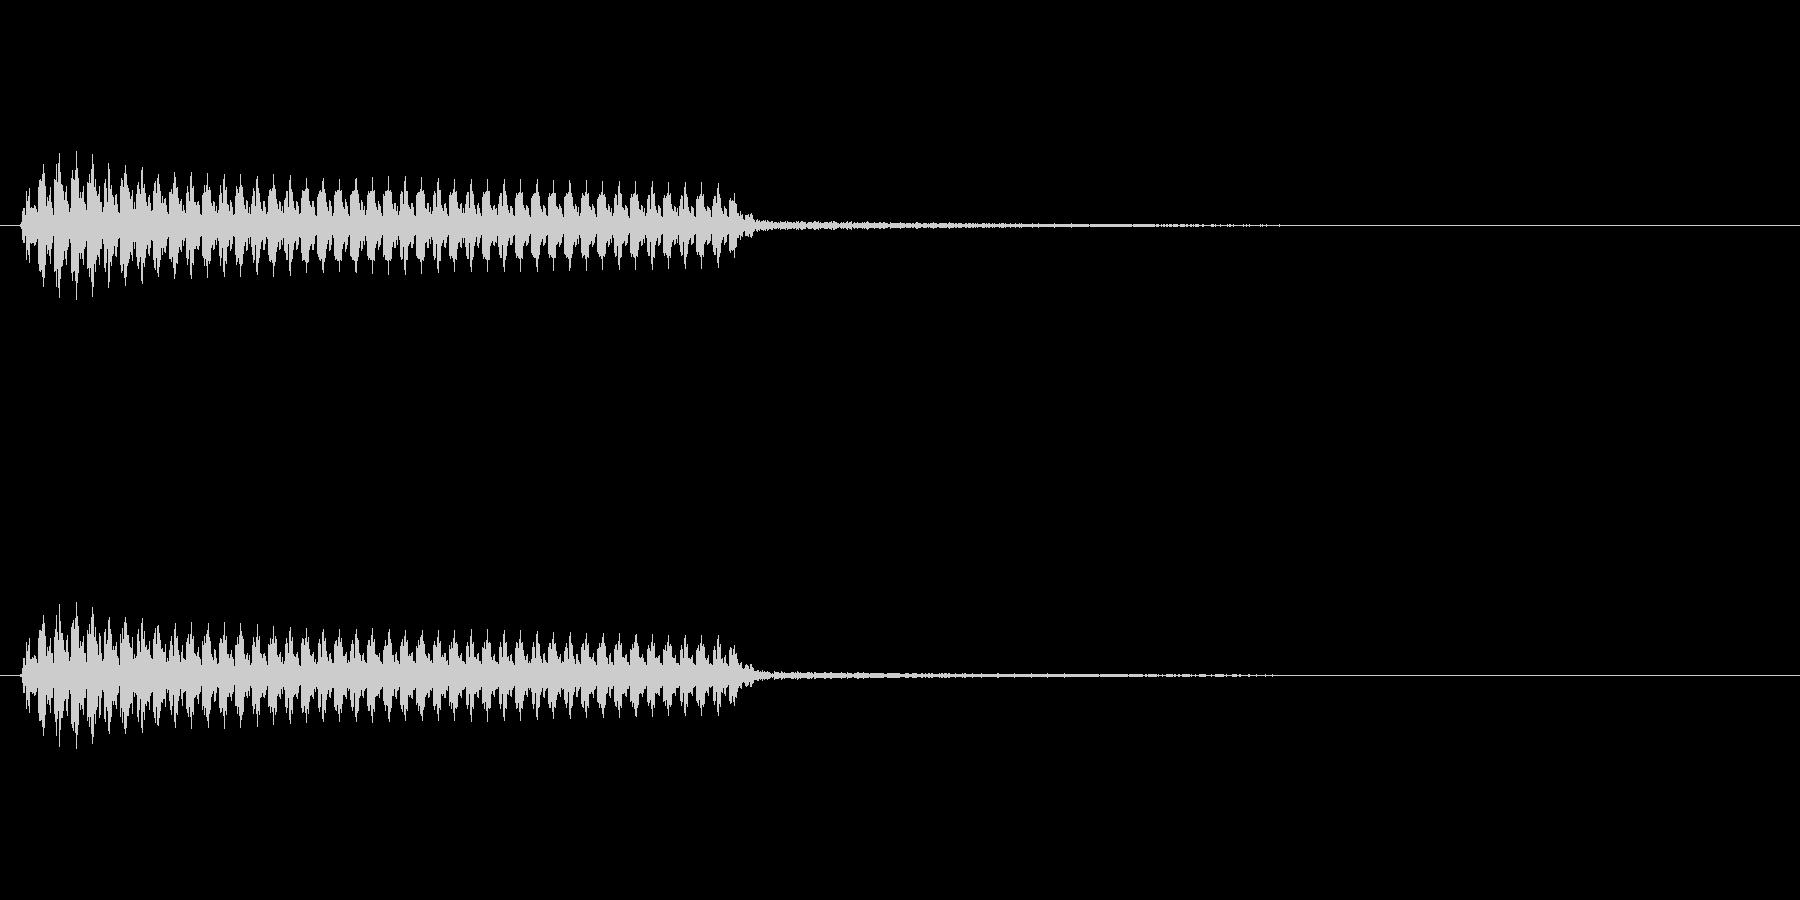 「ブー」(不正解の音)(悪役の音)の未再生の波形